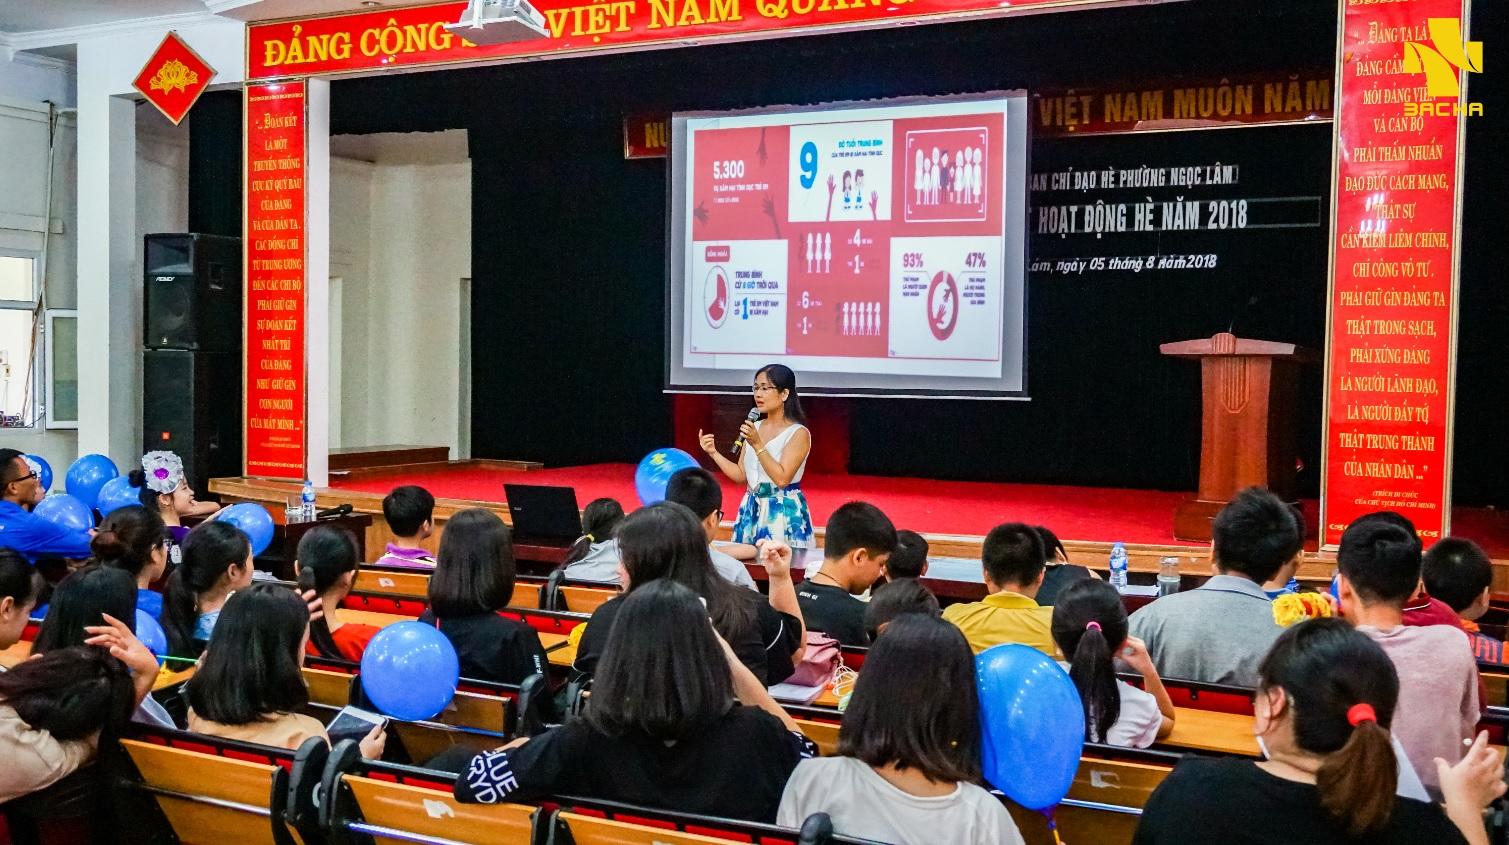 Tăng cường các buổi tuyên truyền kiến thức, kỹ năng chủ động phòng chống xâm hại tình dục độ tuổi vị thành niên là việc làm cần thiết. (Ảnh TL)